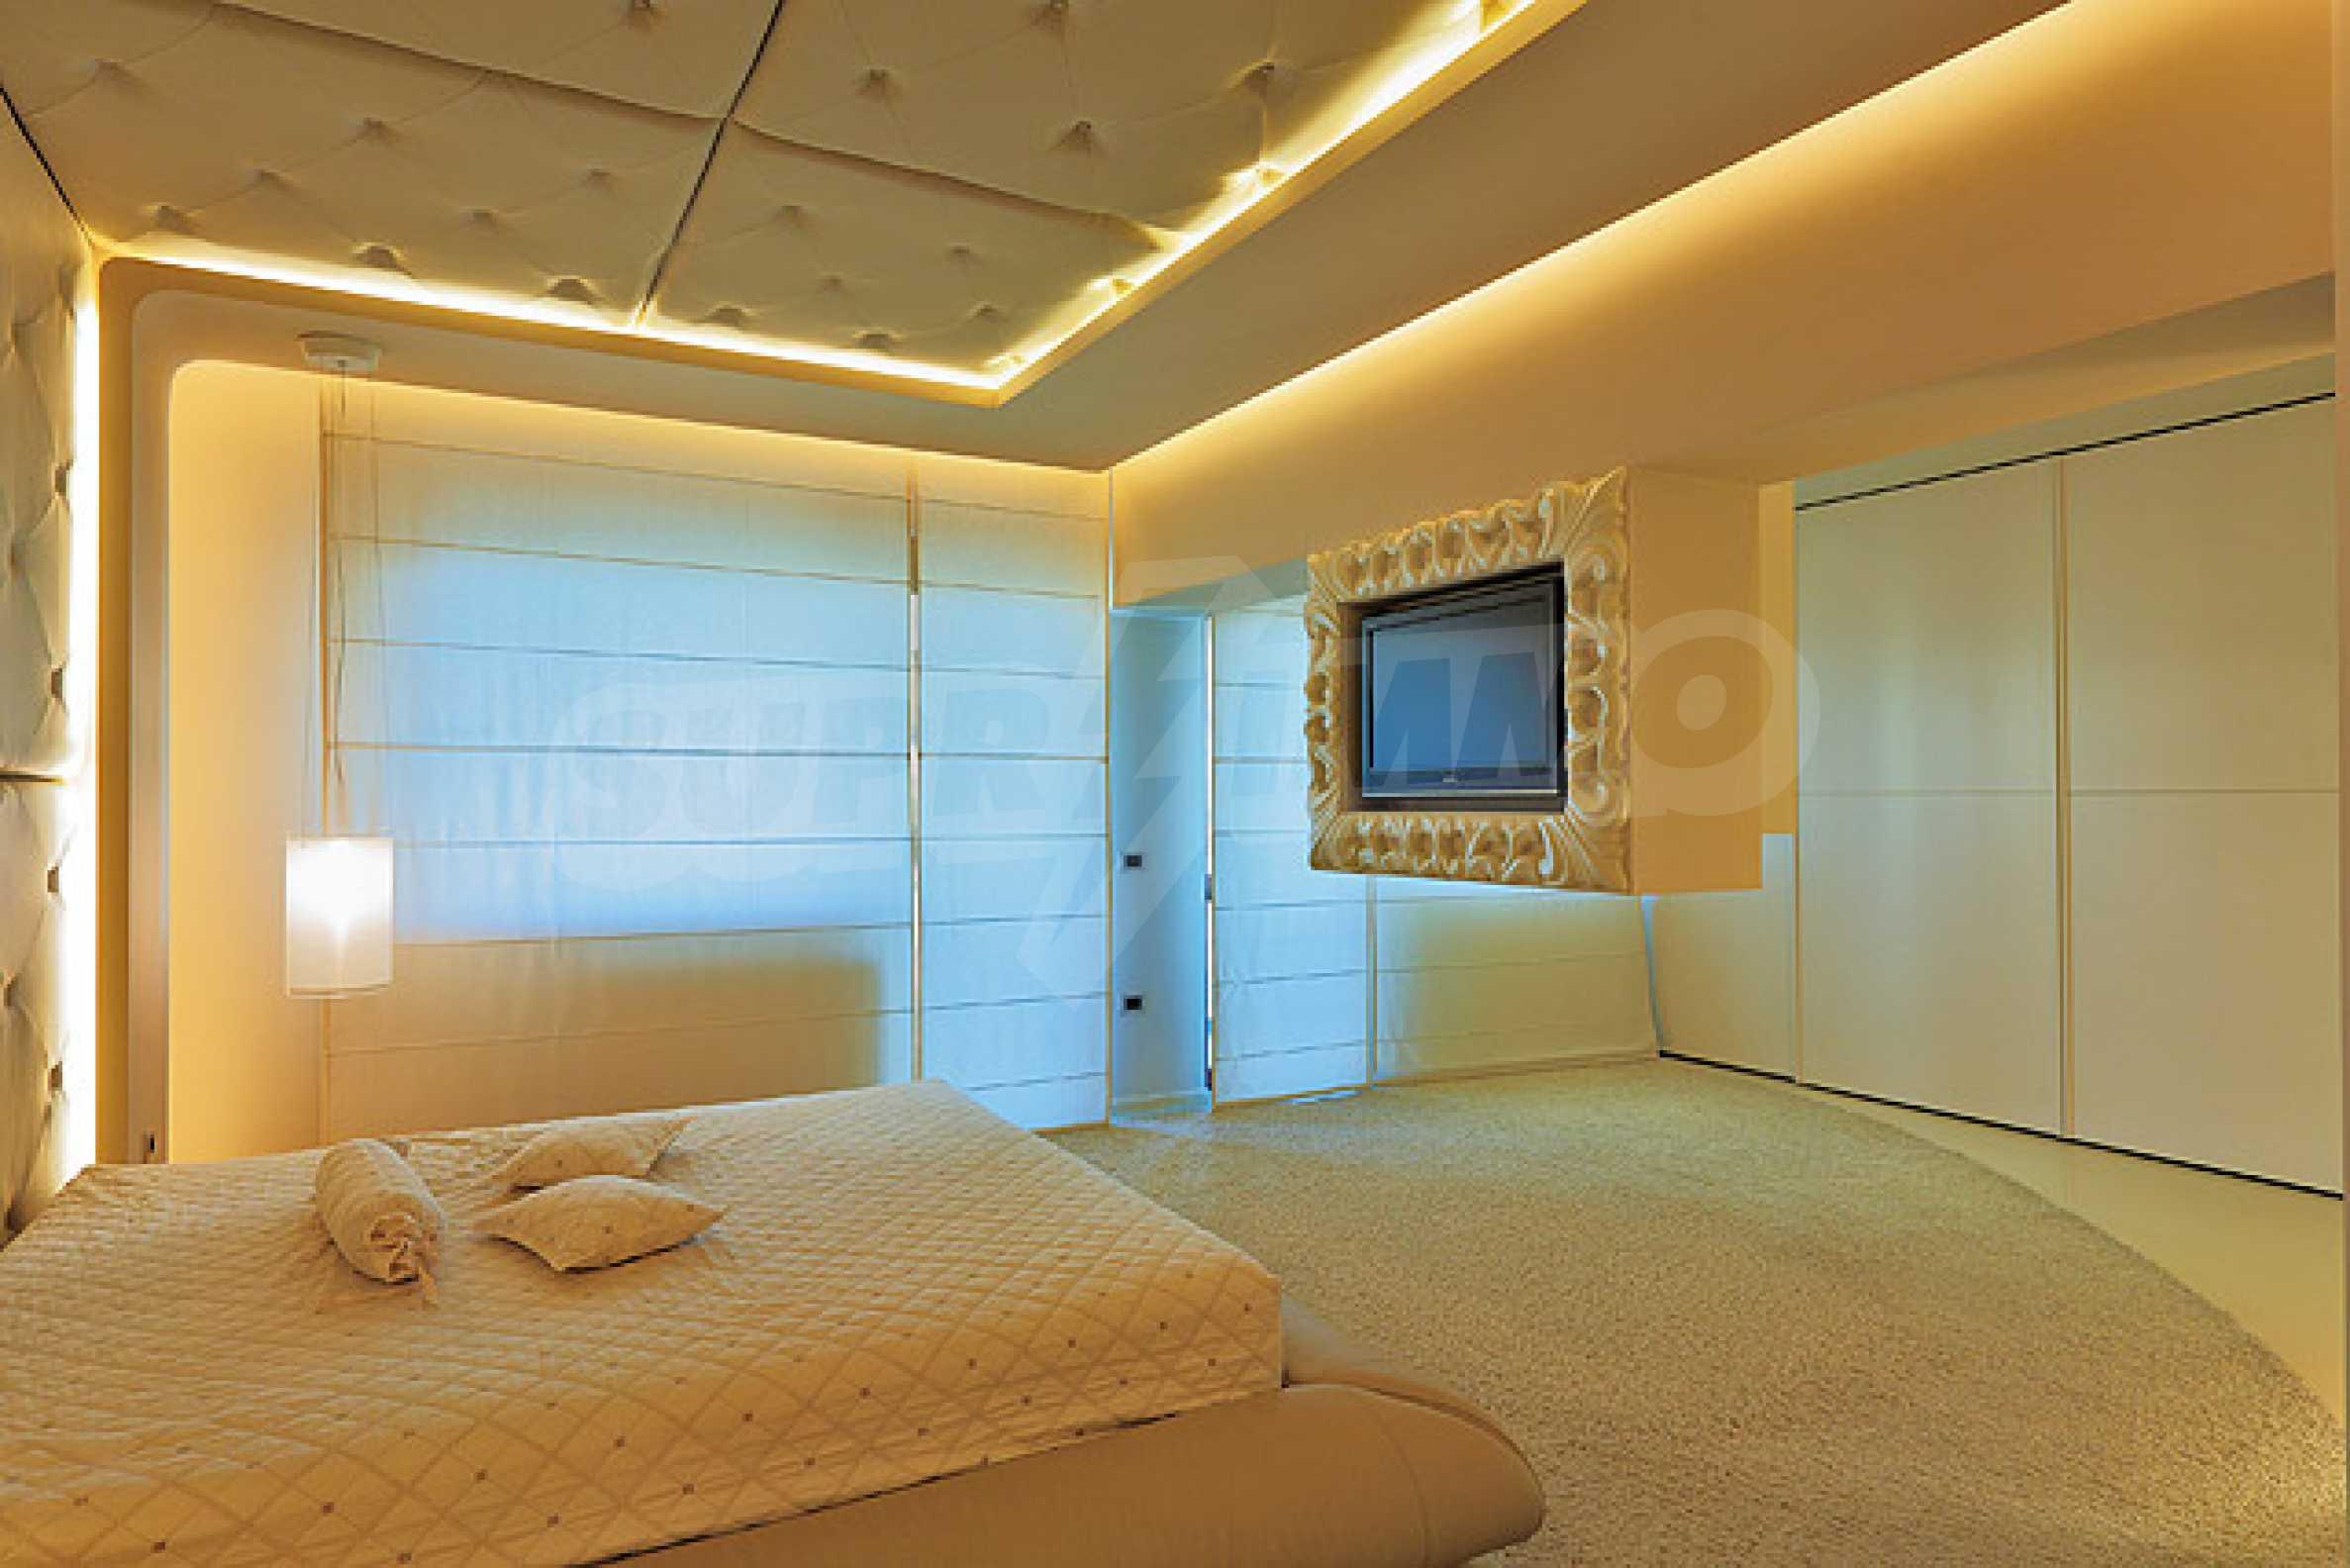 Луксозно обзаведен двустаен апартамент 12